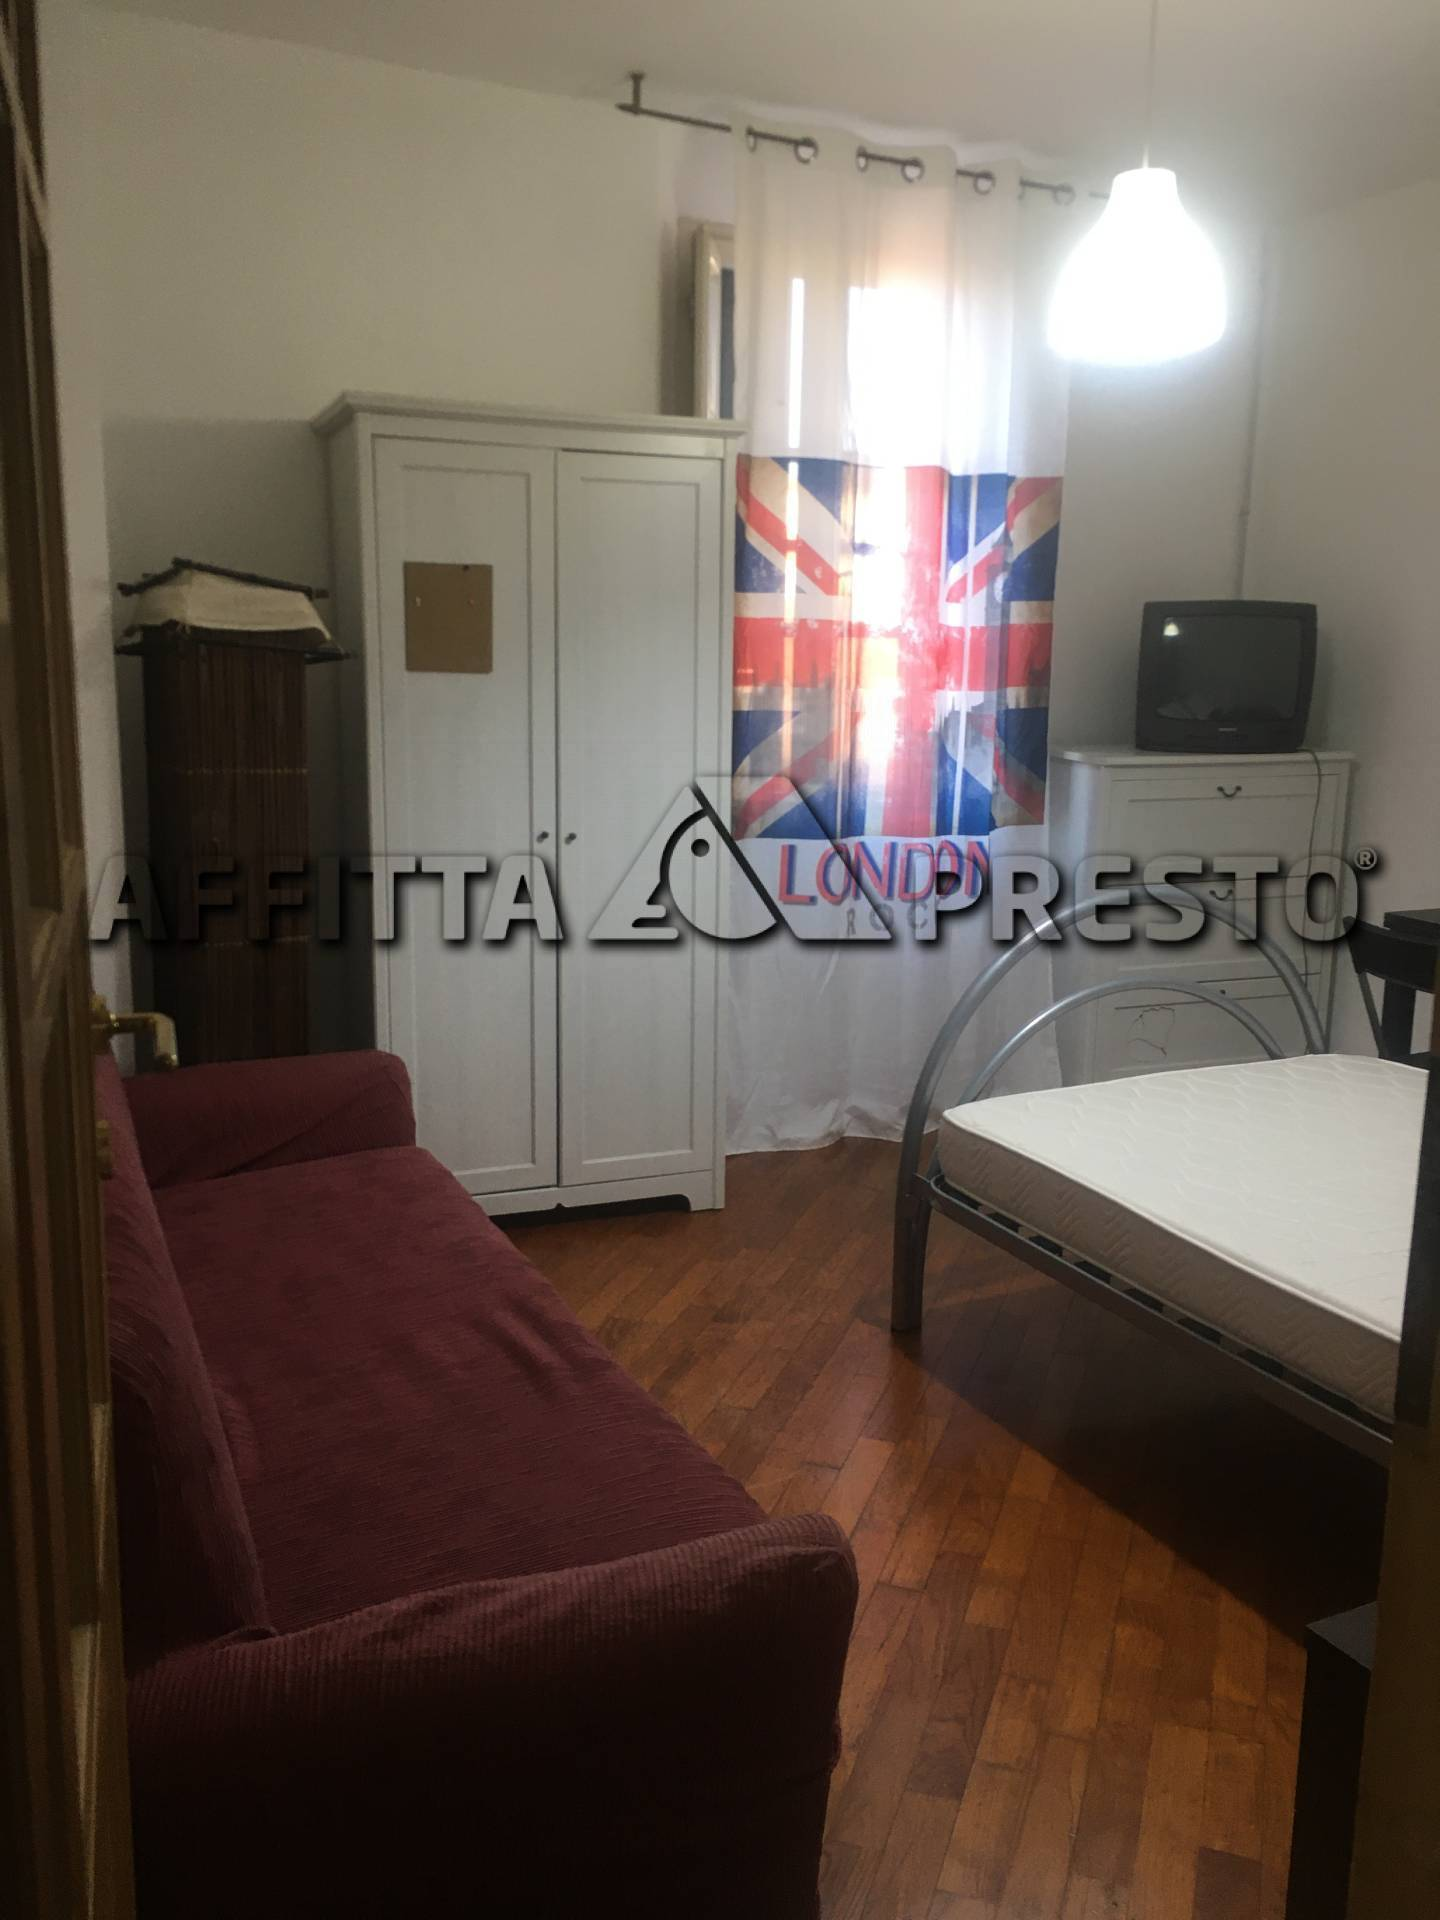 Appartamento in affitto a Pisa, 8 locali, zona Località: Stazione, prezzo € 1.150 | CambioCasa.it